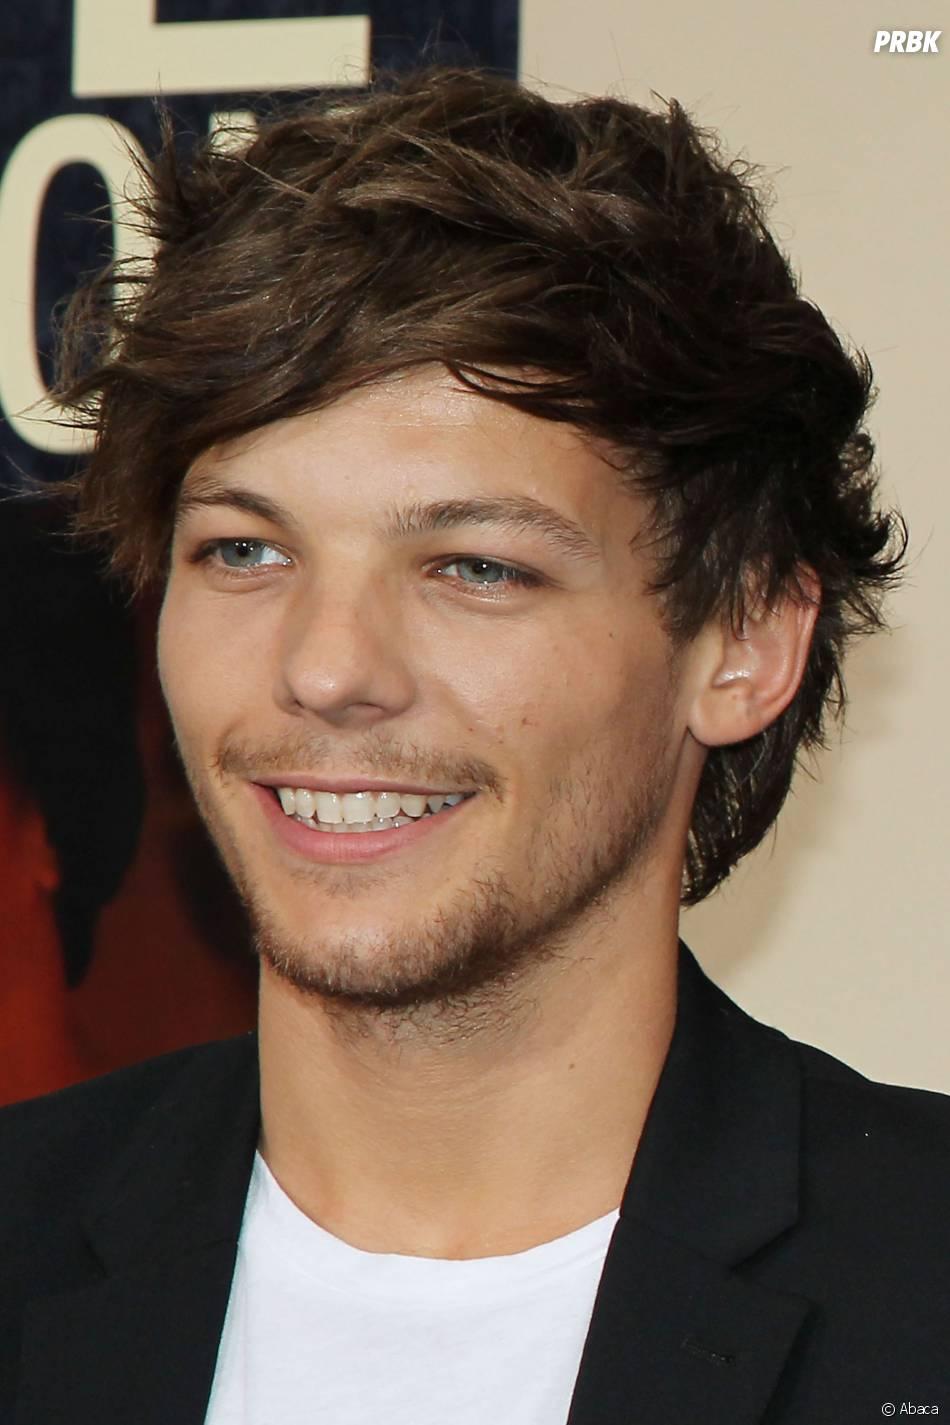 Louis Tomlinson à l'avant-première du film des One Direction This is Us à New York le 26 août 2013